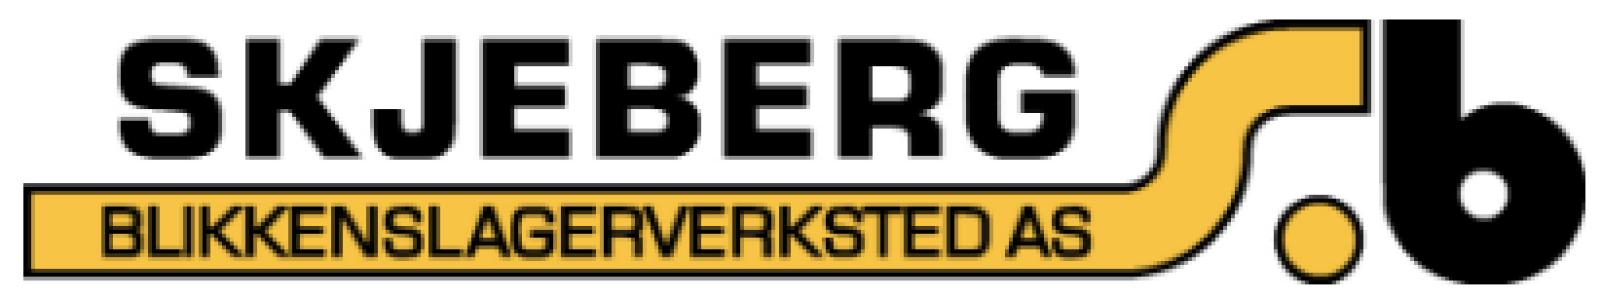 Skjeberg blikkenslagerverksted